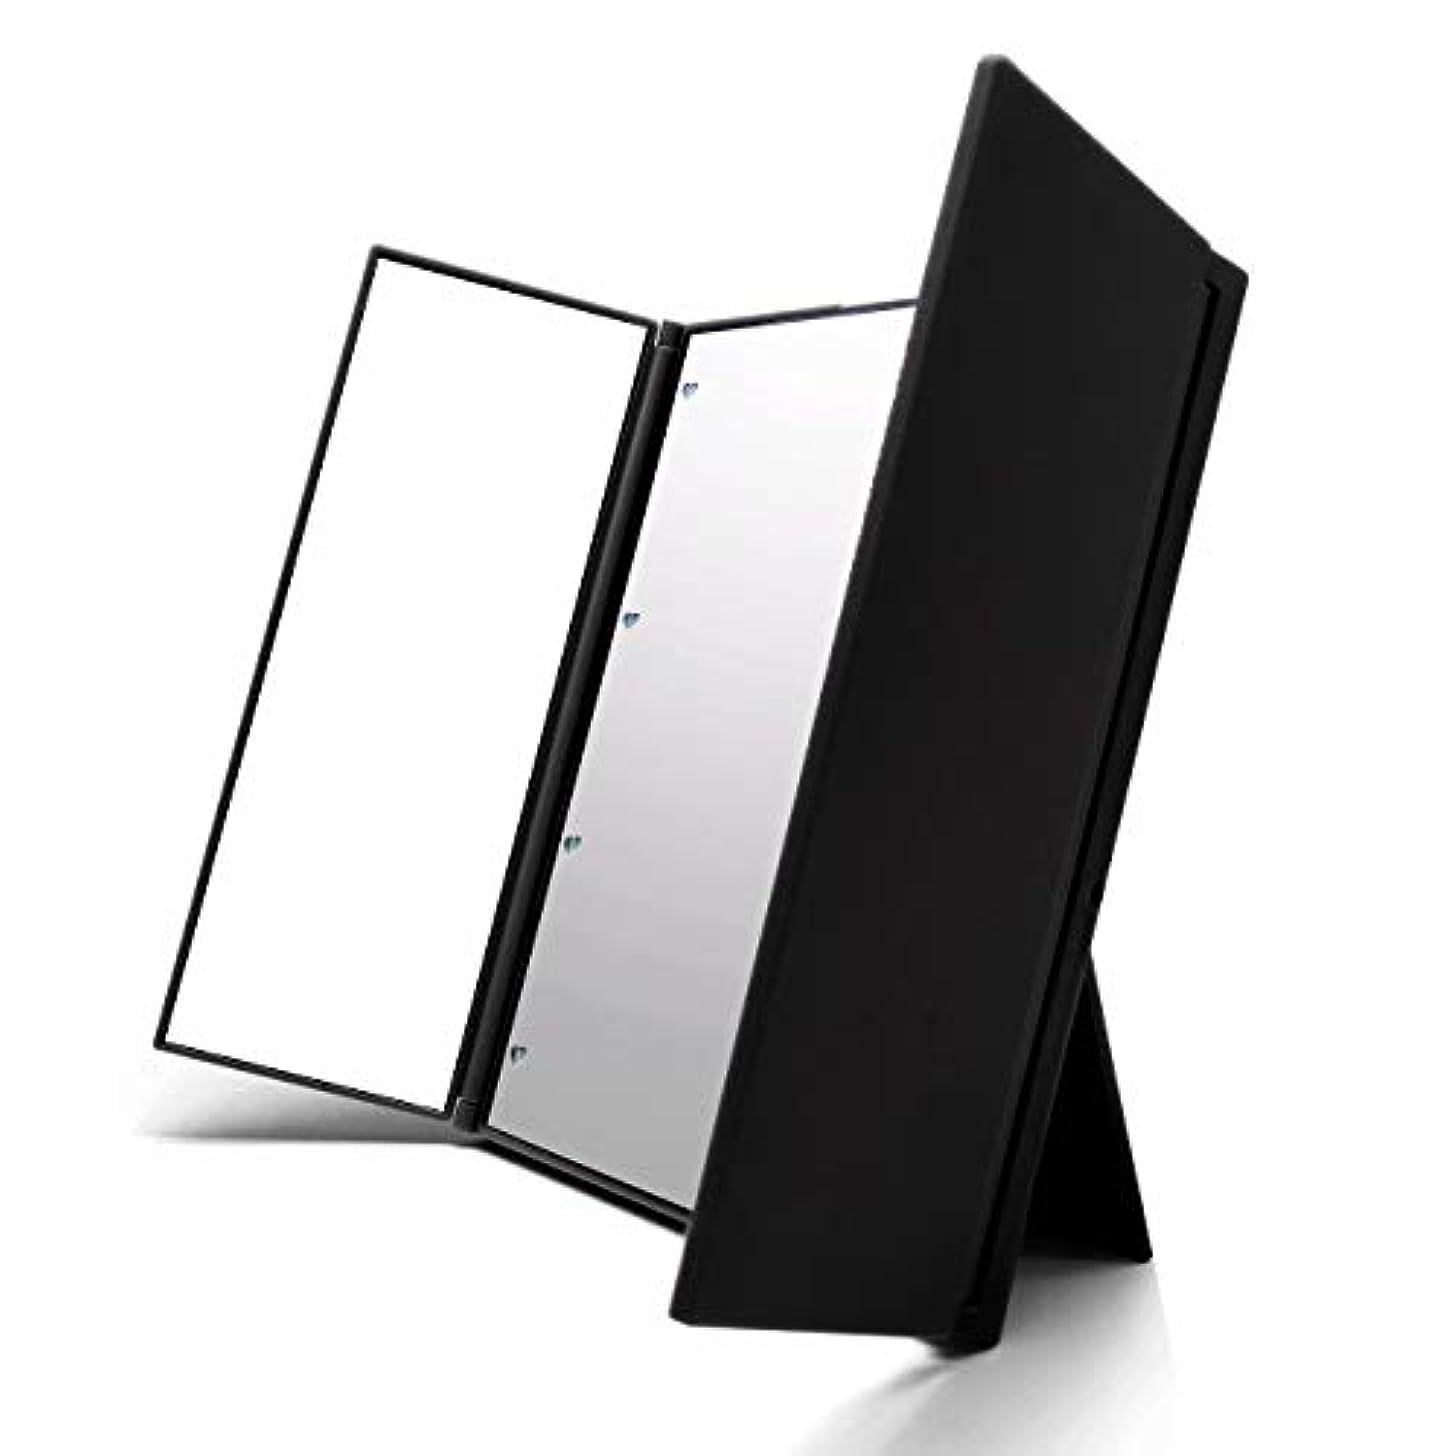 無駄に祝福とても多くのVidgoo 鏡 卓上 化粧鏡 スタンド LED付き 三面鏡 折り畳み式 調整可能 電池型 ブラック